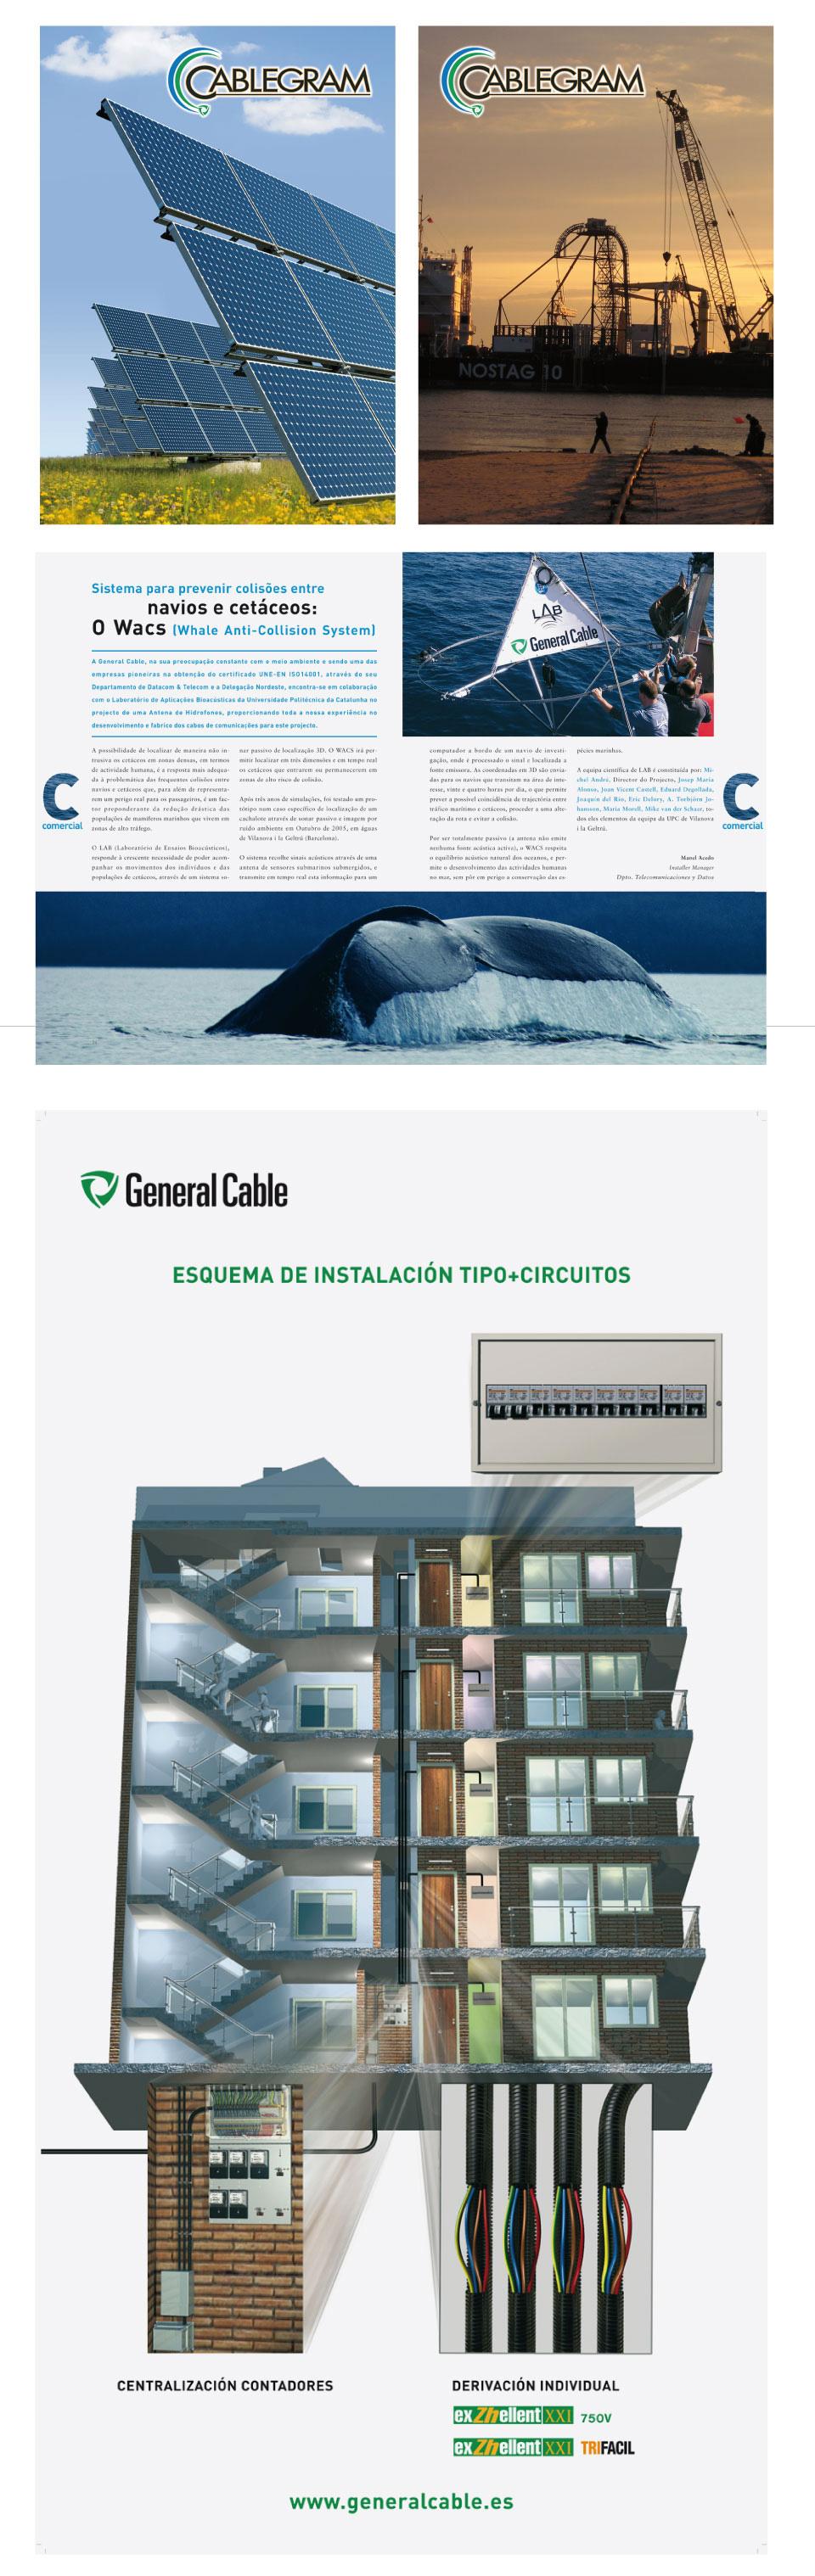 Logotipos, páginas de revista y prensa y carteles de General Cable